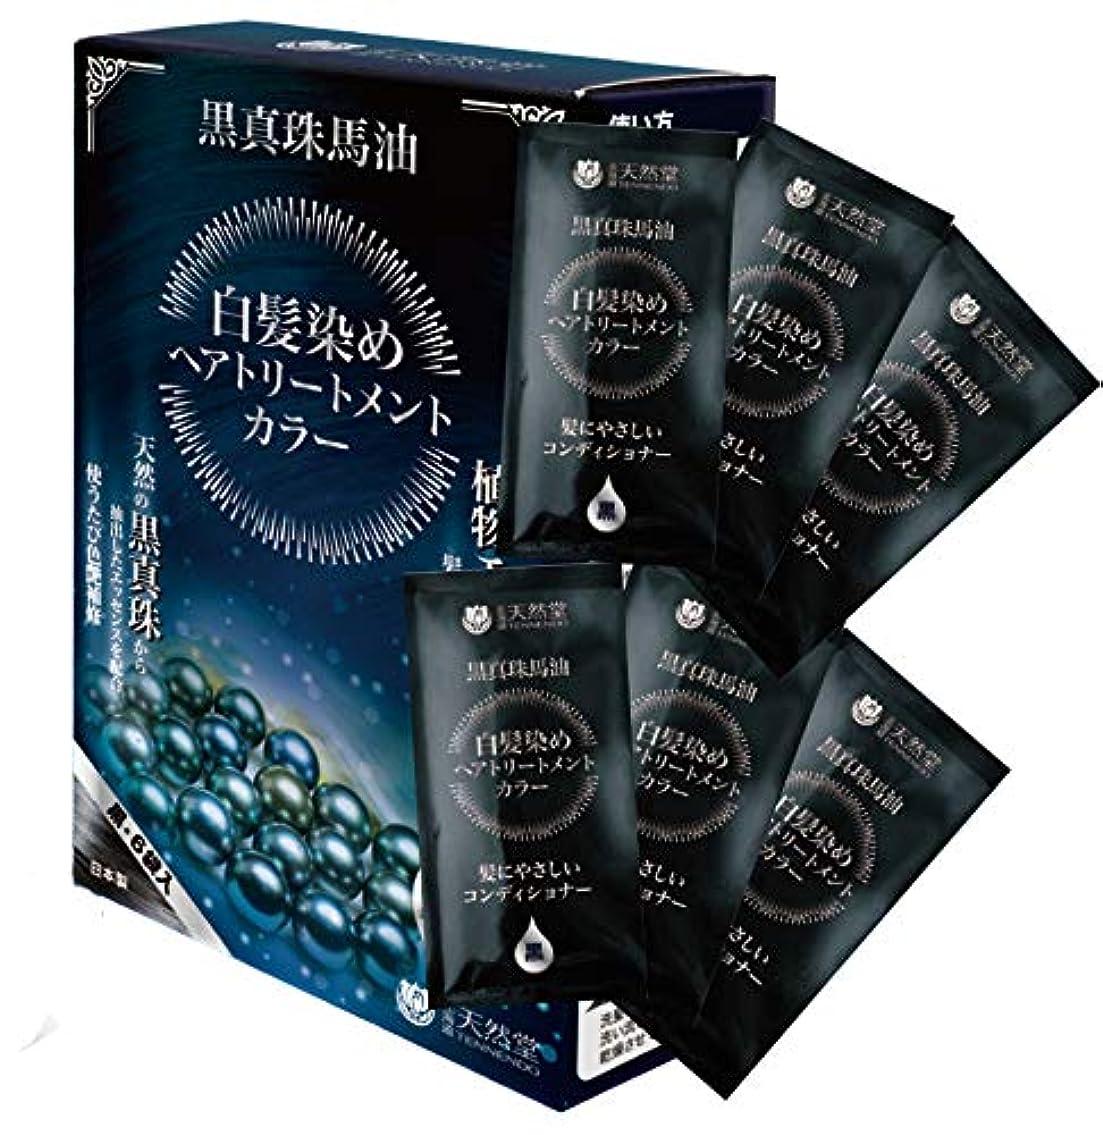 輝度豆軍隊黒真珠馬油 白髪染め へアトリートメントカラー (黒) 20g×6 / 北海道天然堂